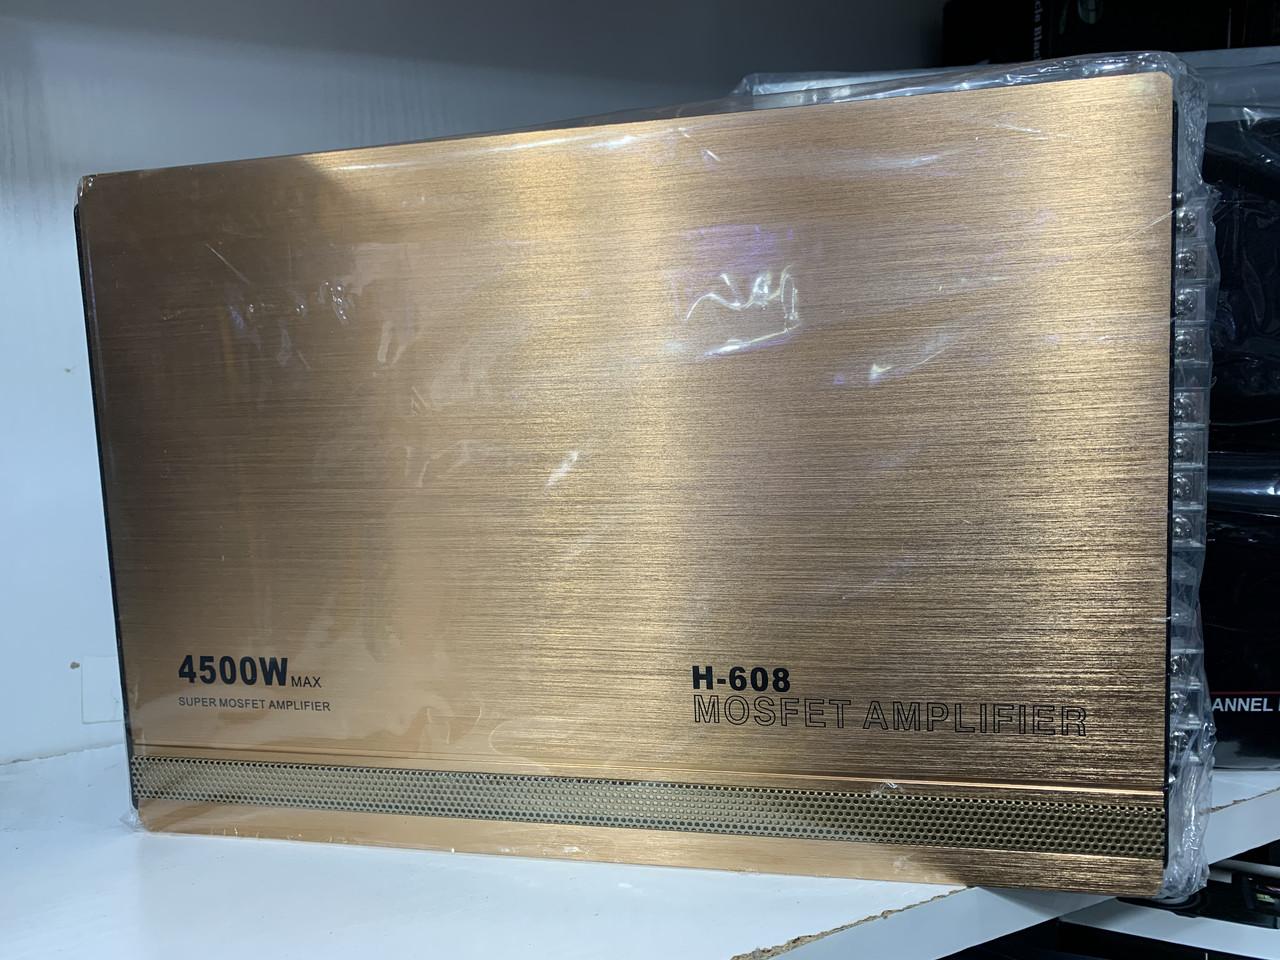 Автомобильный усилитель звука H-608, 4500W, 4-х канальный